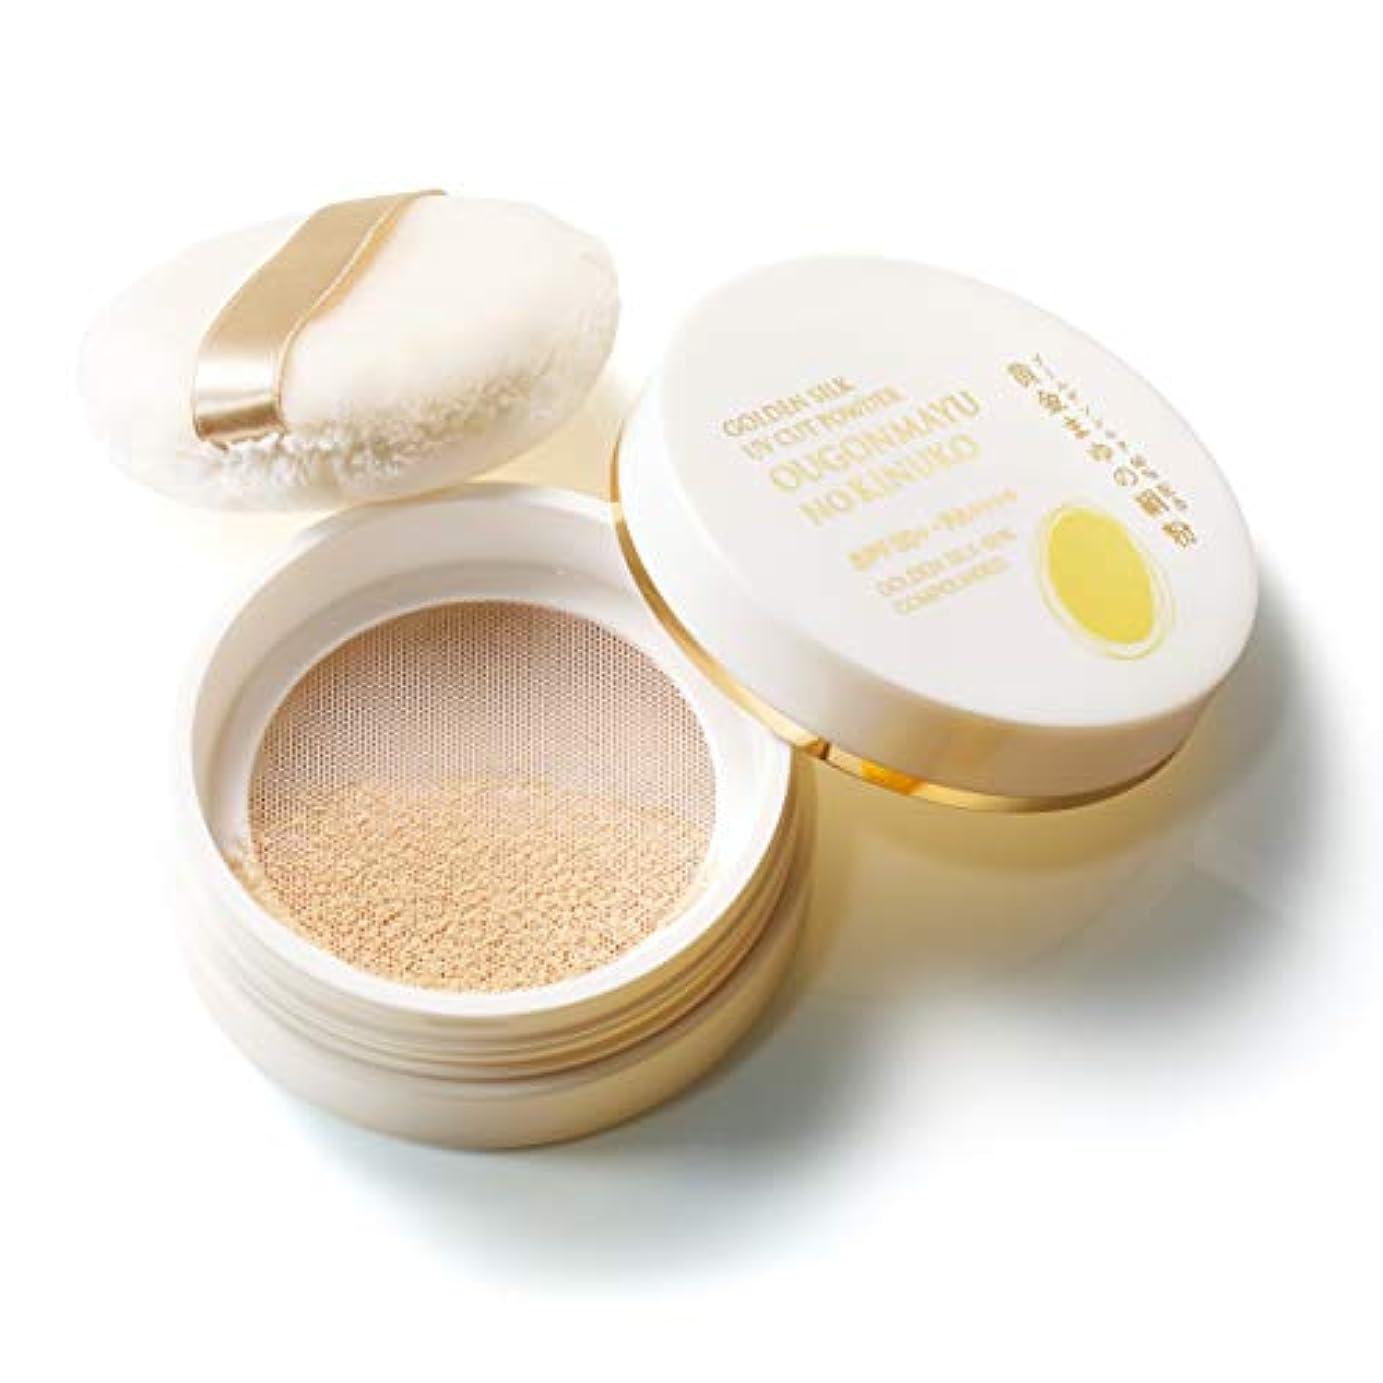 通販生活の天然黄金シルクUVカットパウダー「黄金まゆの絹粉」 希少な天然黄金シルク60%配合で「UVカット力最高値」のパウダーは本品だけ。